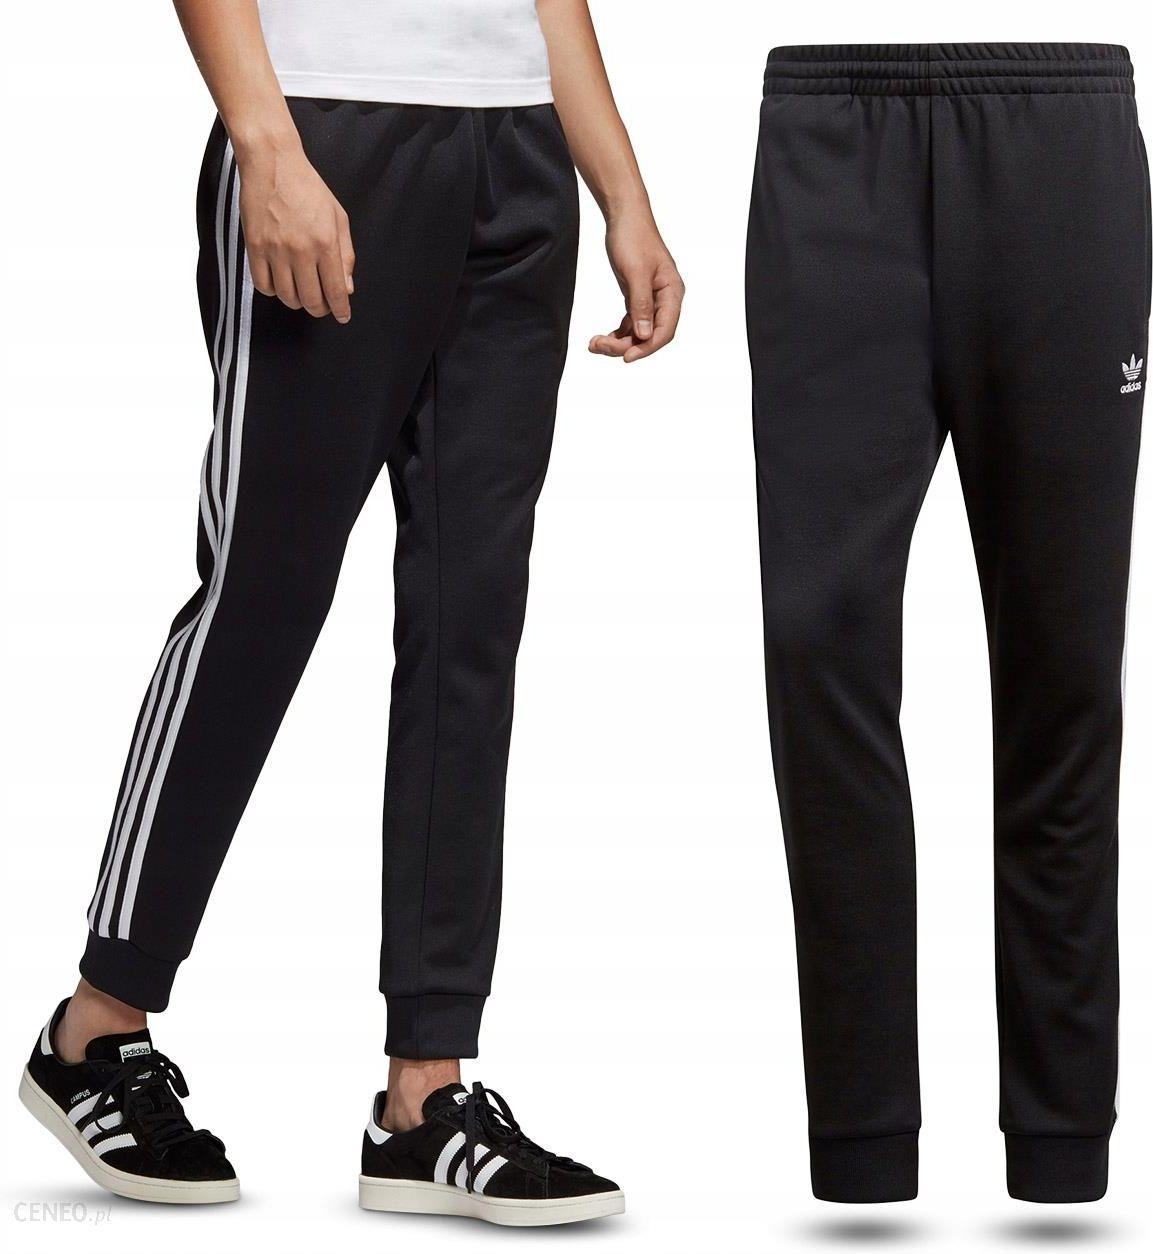 Spodnie dresowe męskie adidas trening CW1275